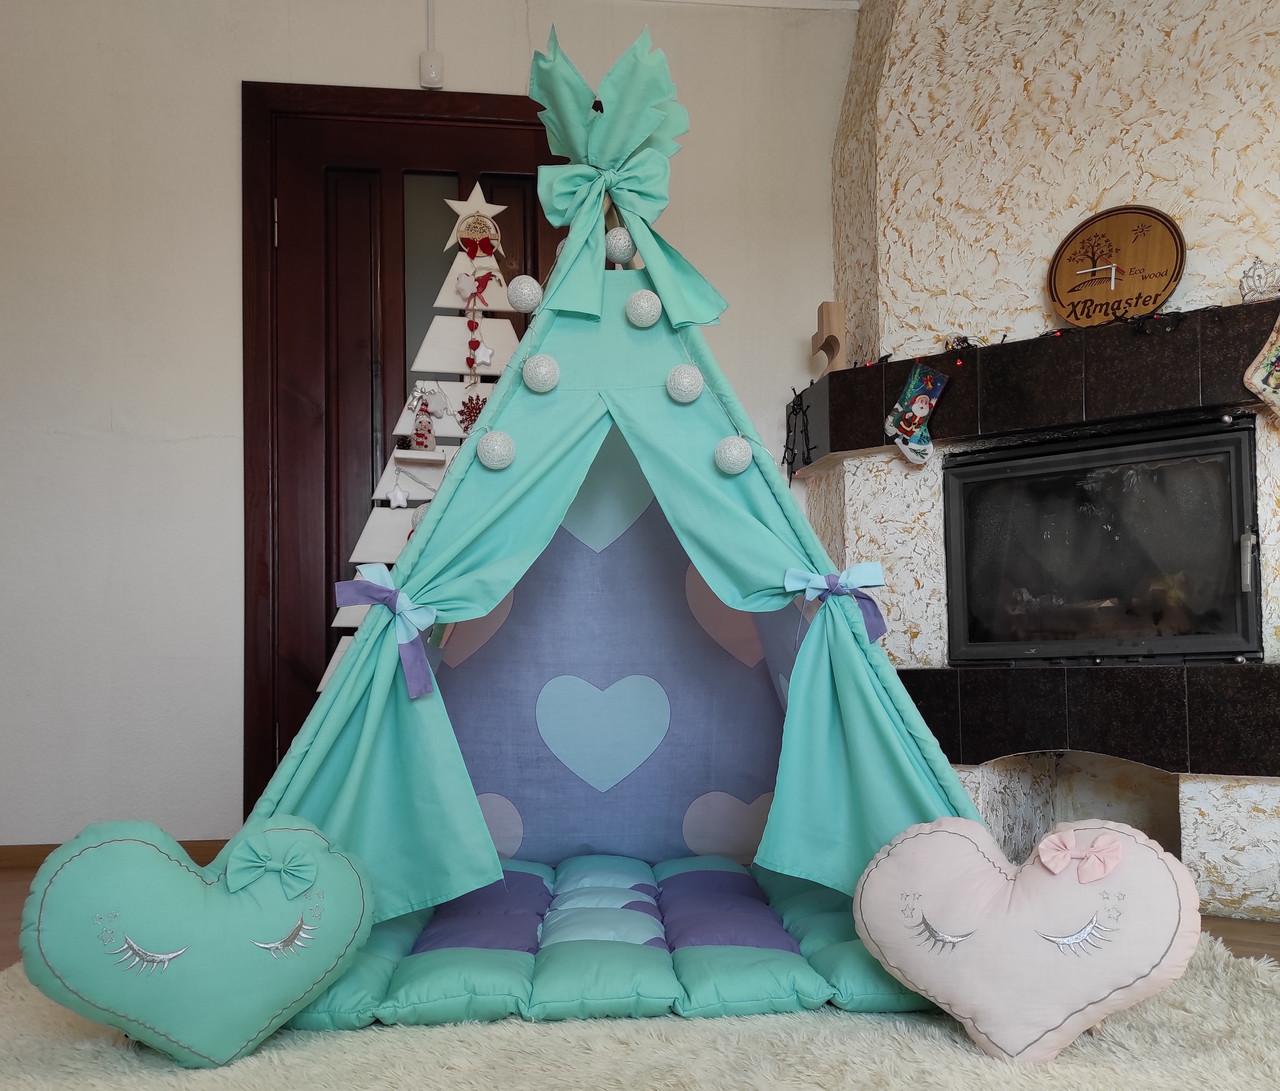 Вигвам Sweet dreams БОНБОН Полный комплект! Детский вигвам, детская палатка, детский домик